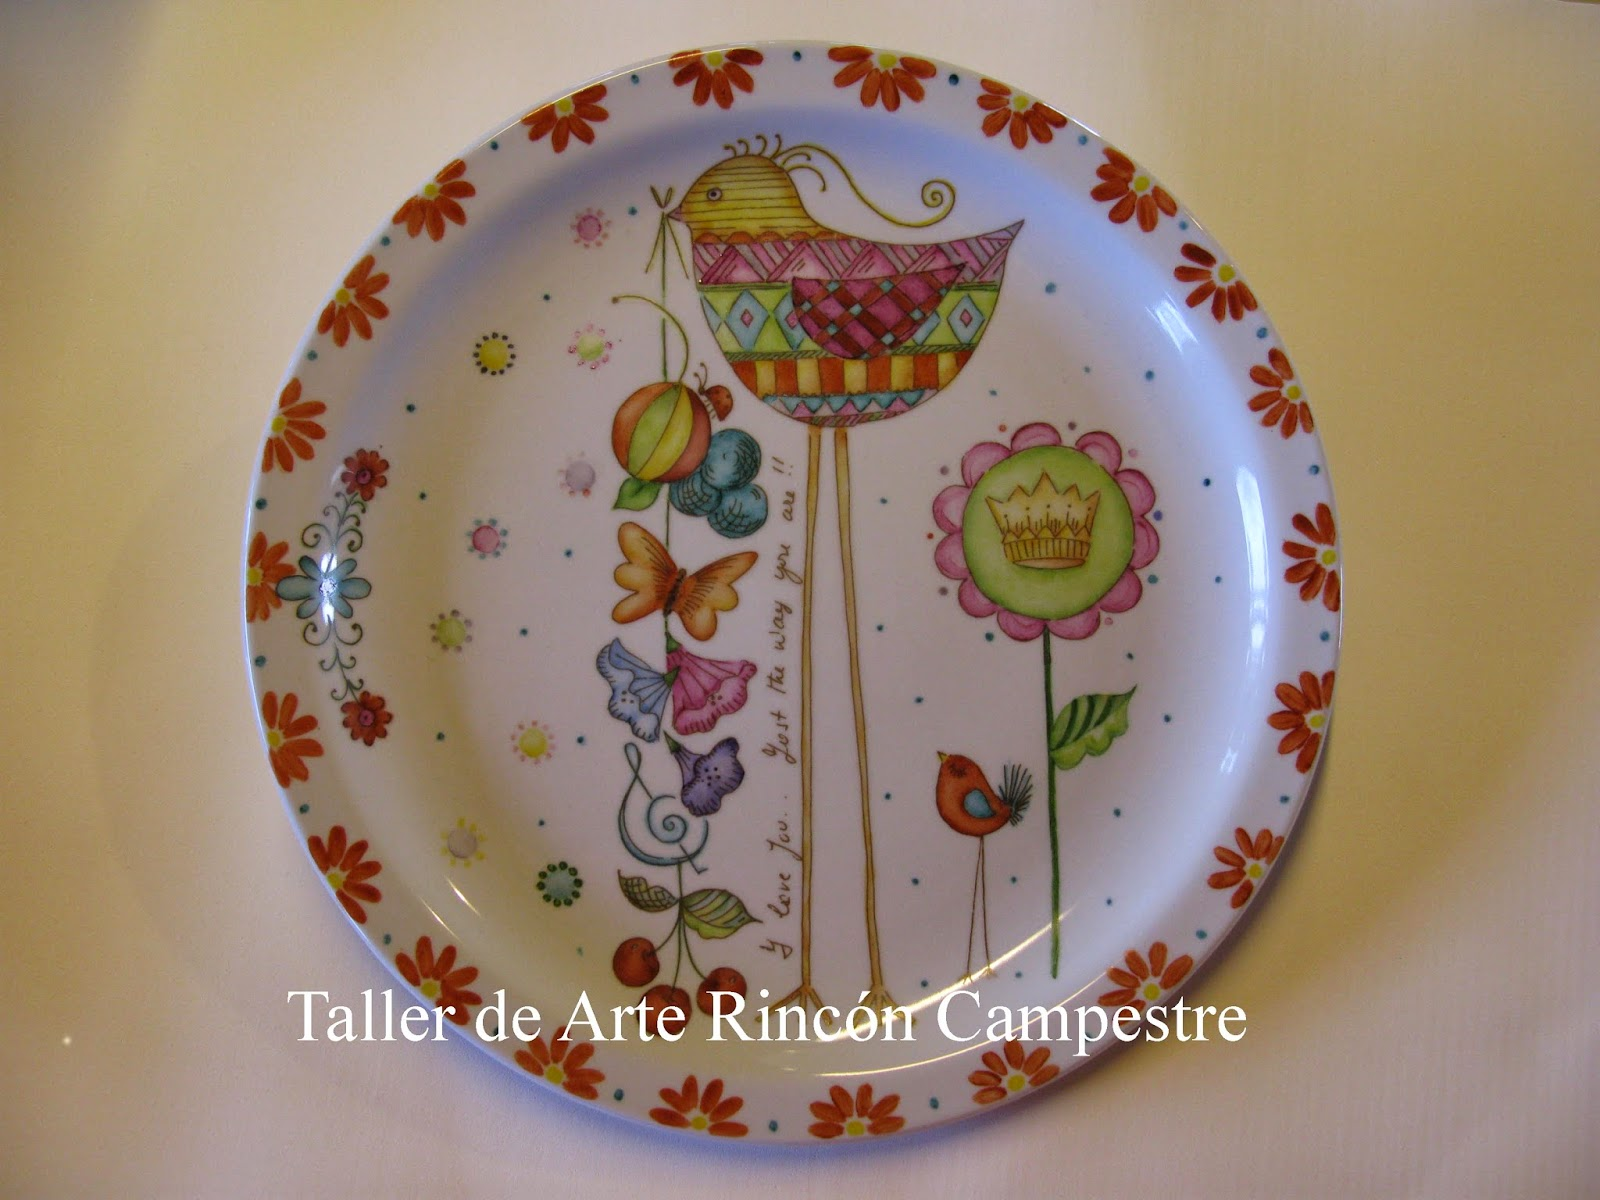 Taller de arte rinc n campestre septiembre 2013 for Taller de artesanias